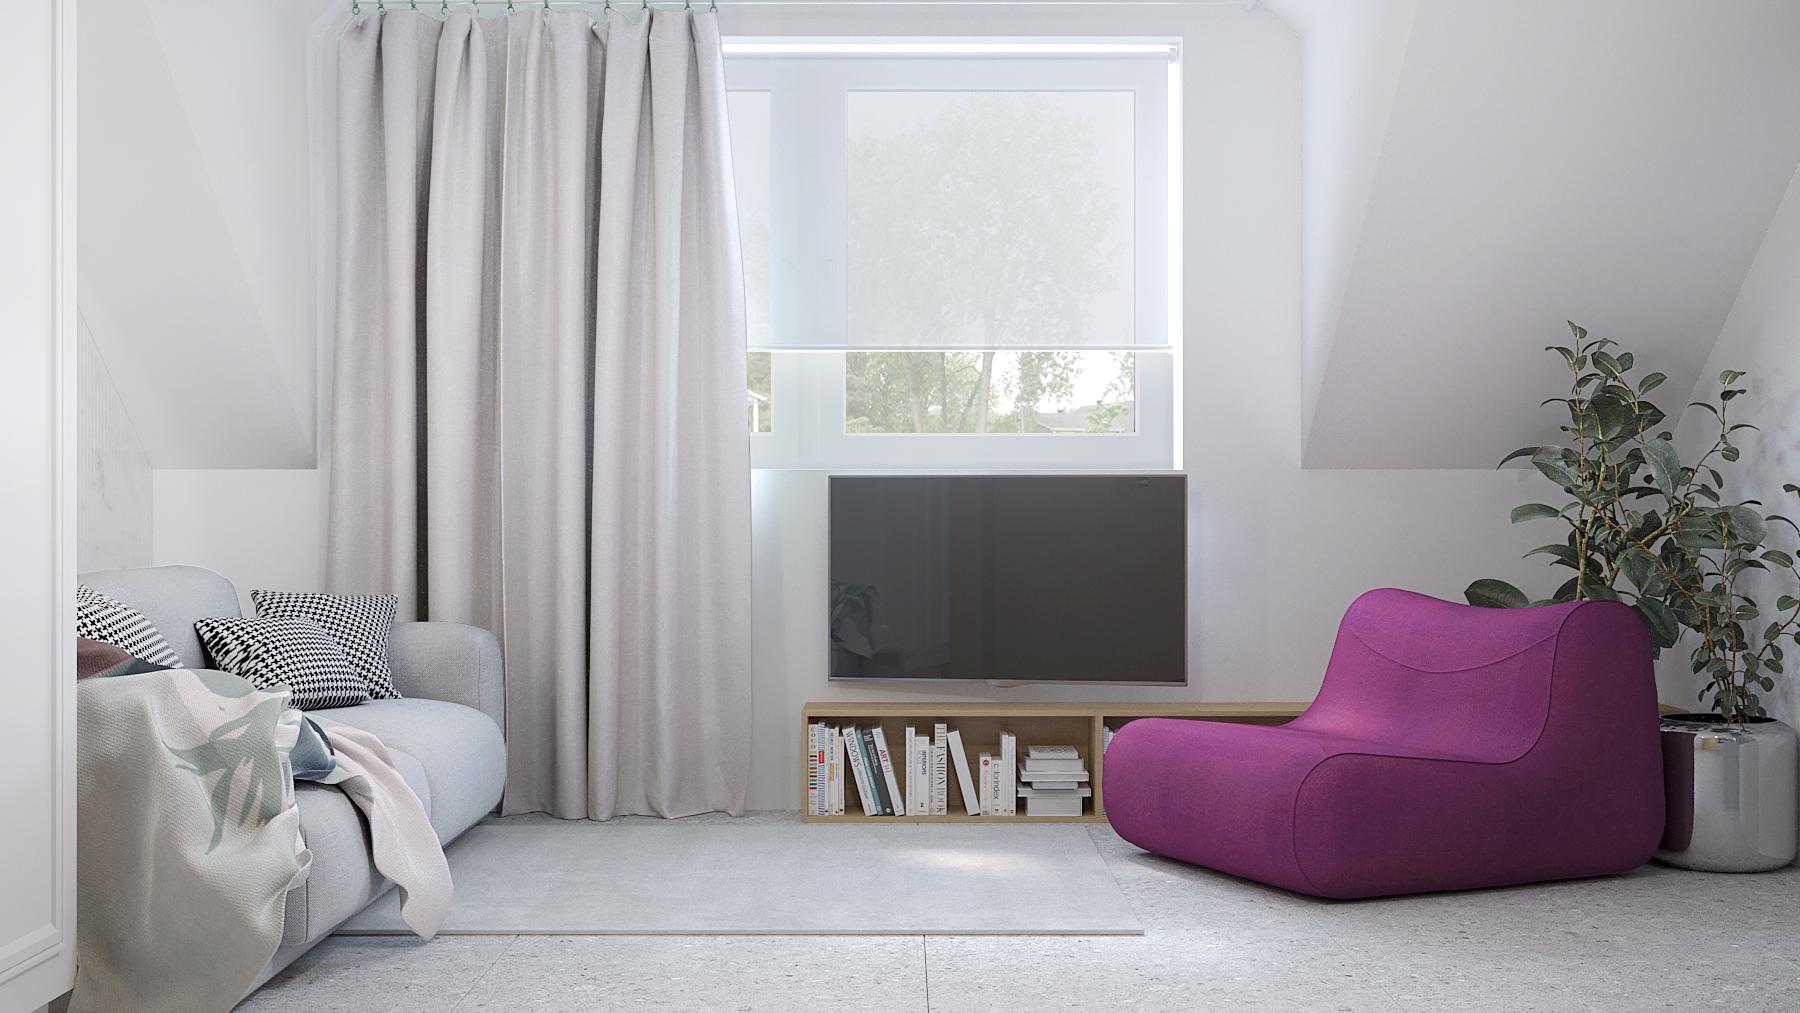 2 projektant wnetrz D423 poddasze Myslowice pokoj poddasze fioletowy fotel szara sofa